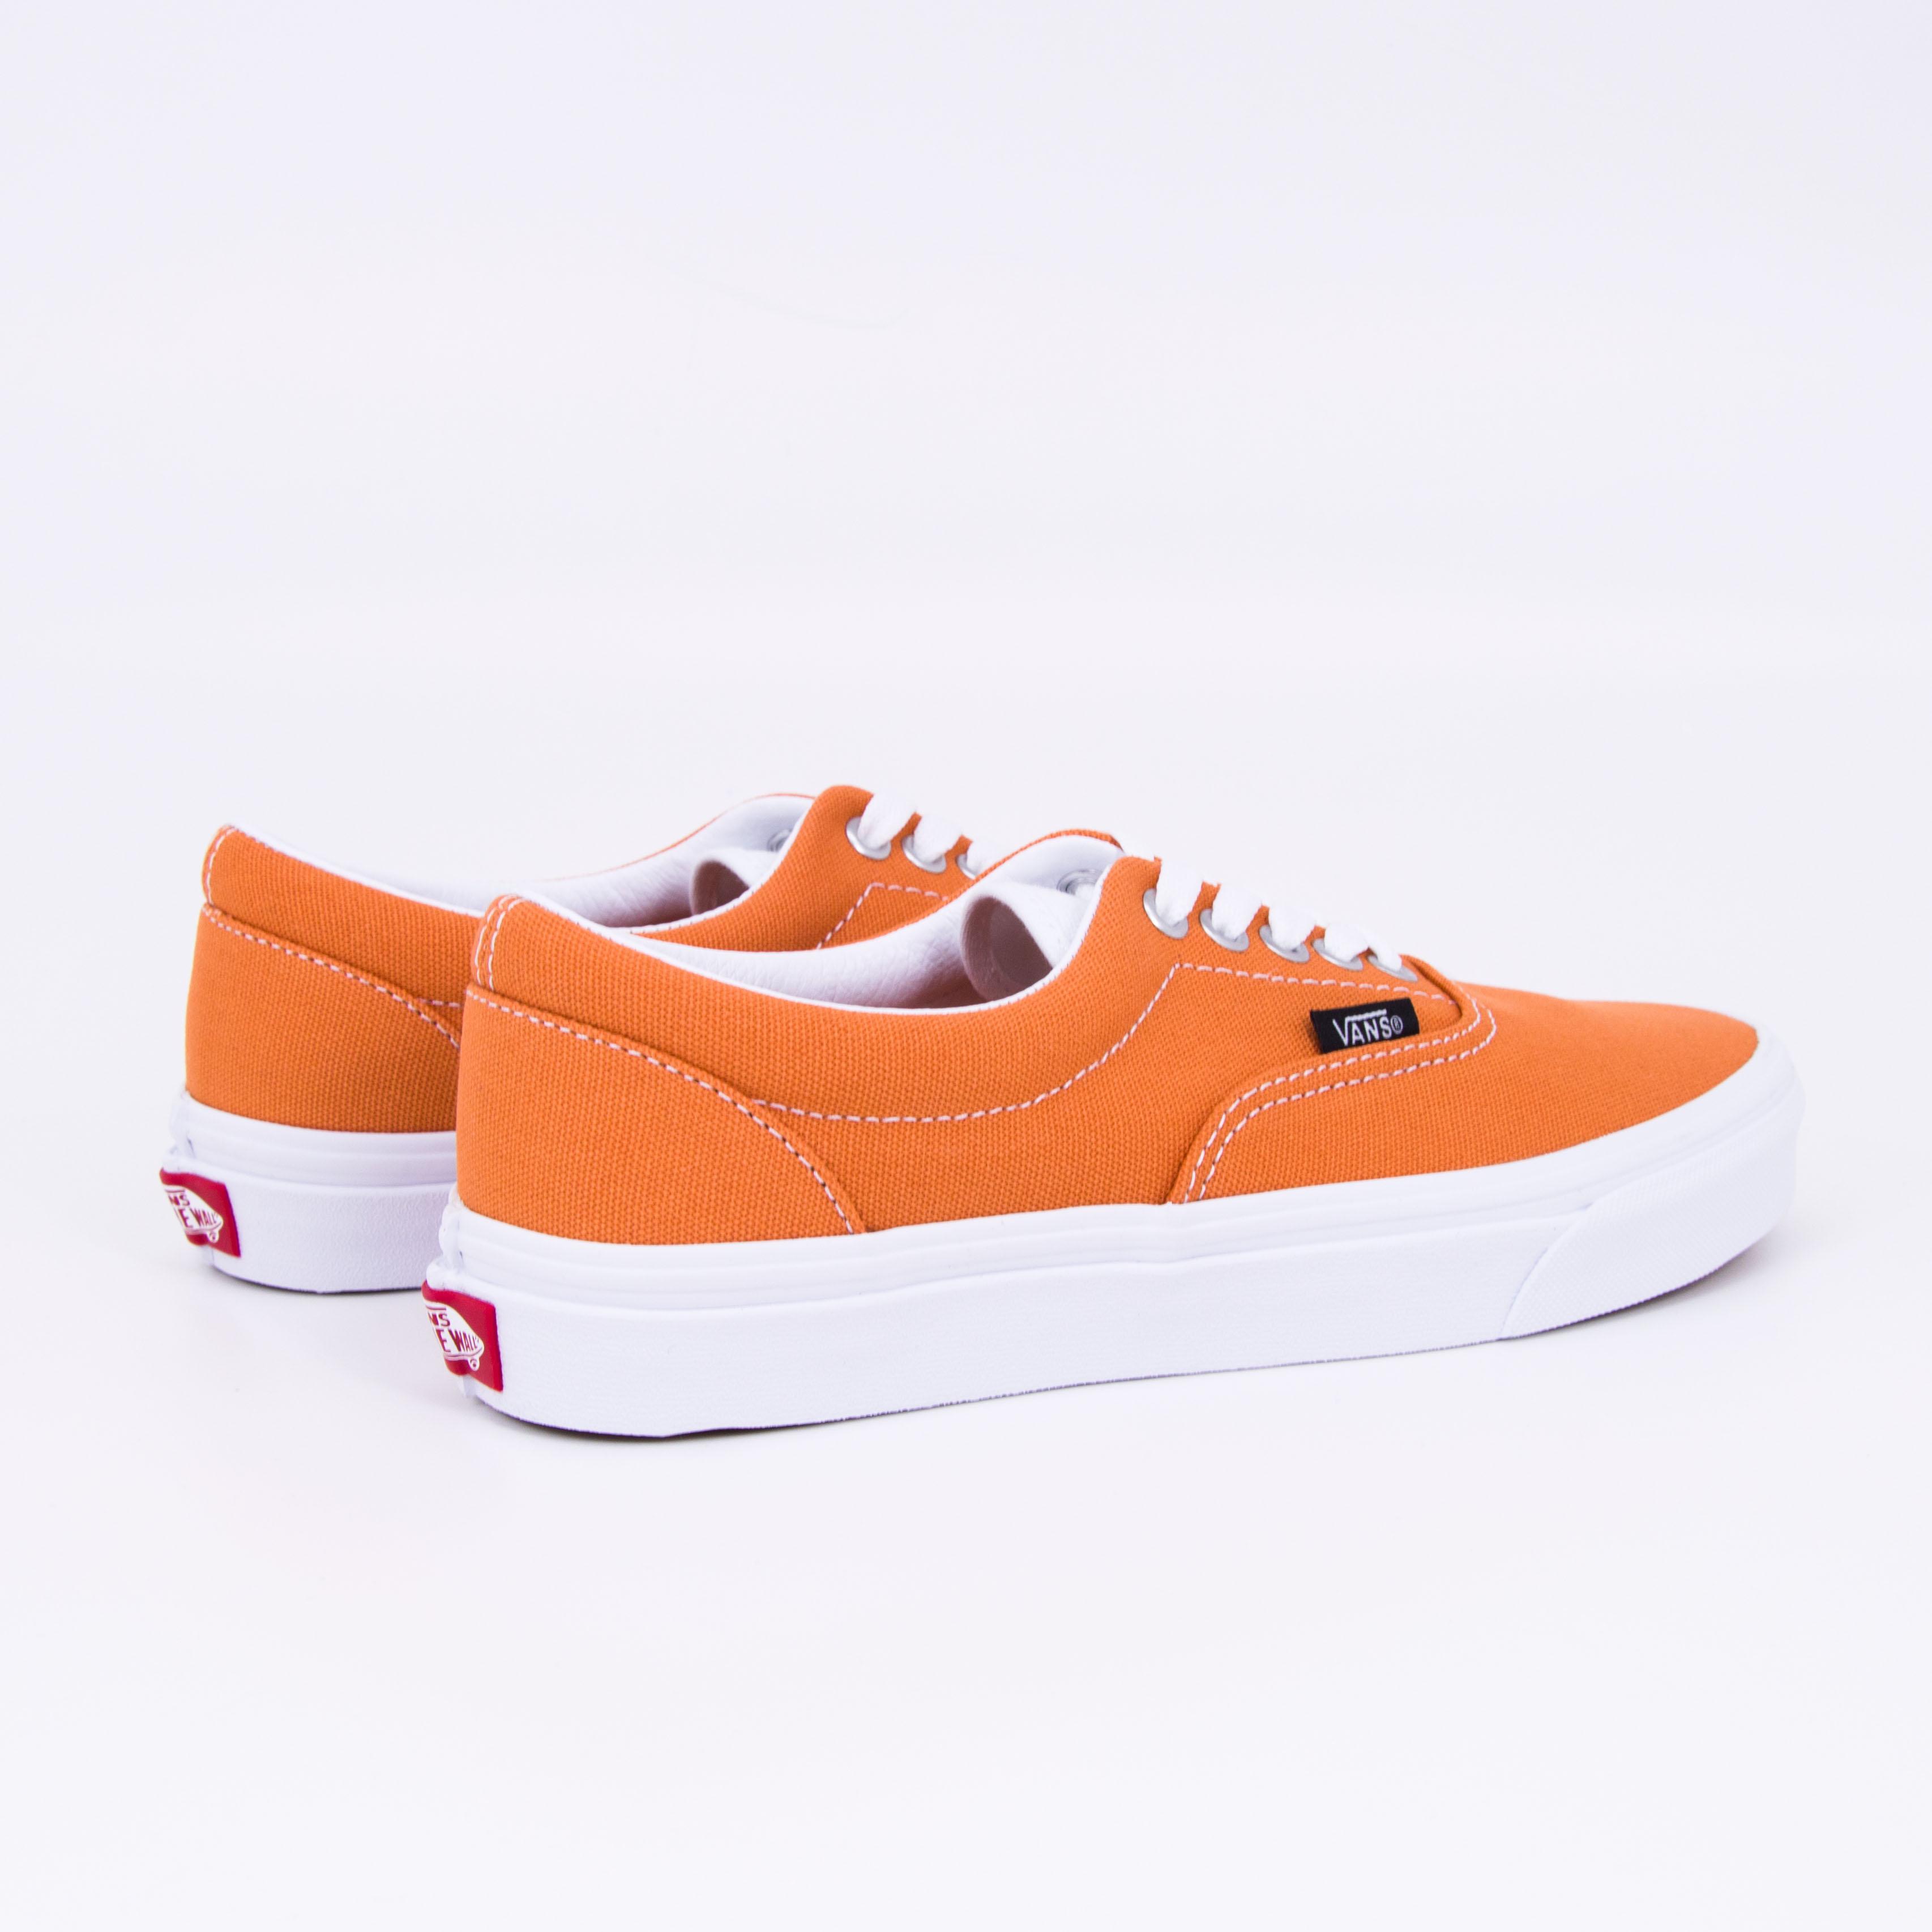 Vans - ERA - Retro Sport Apricot/True White